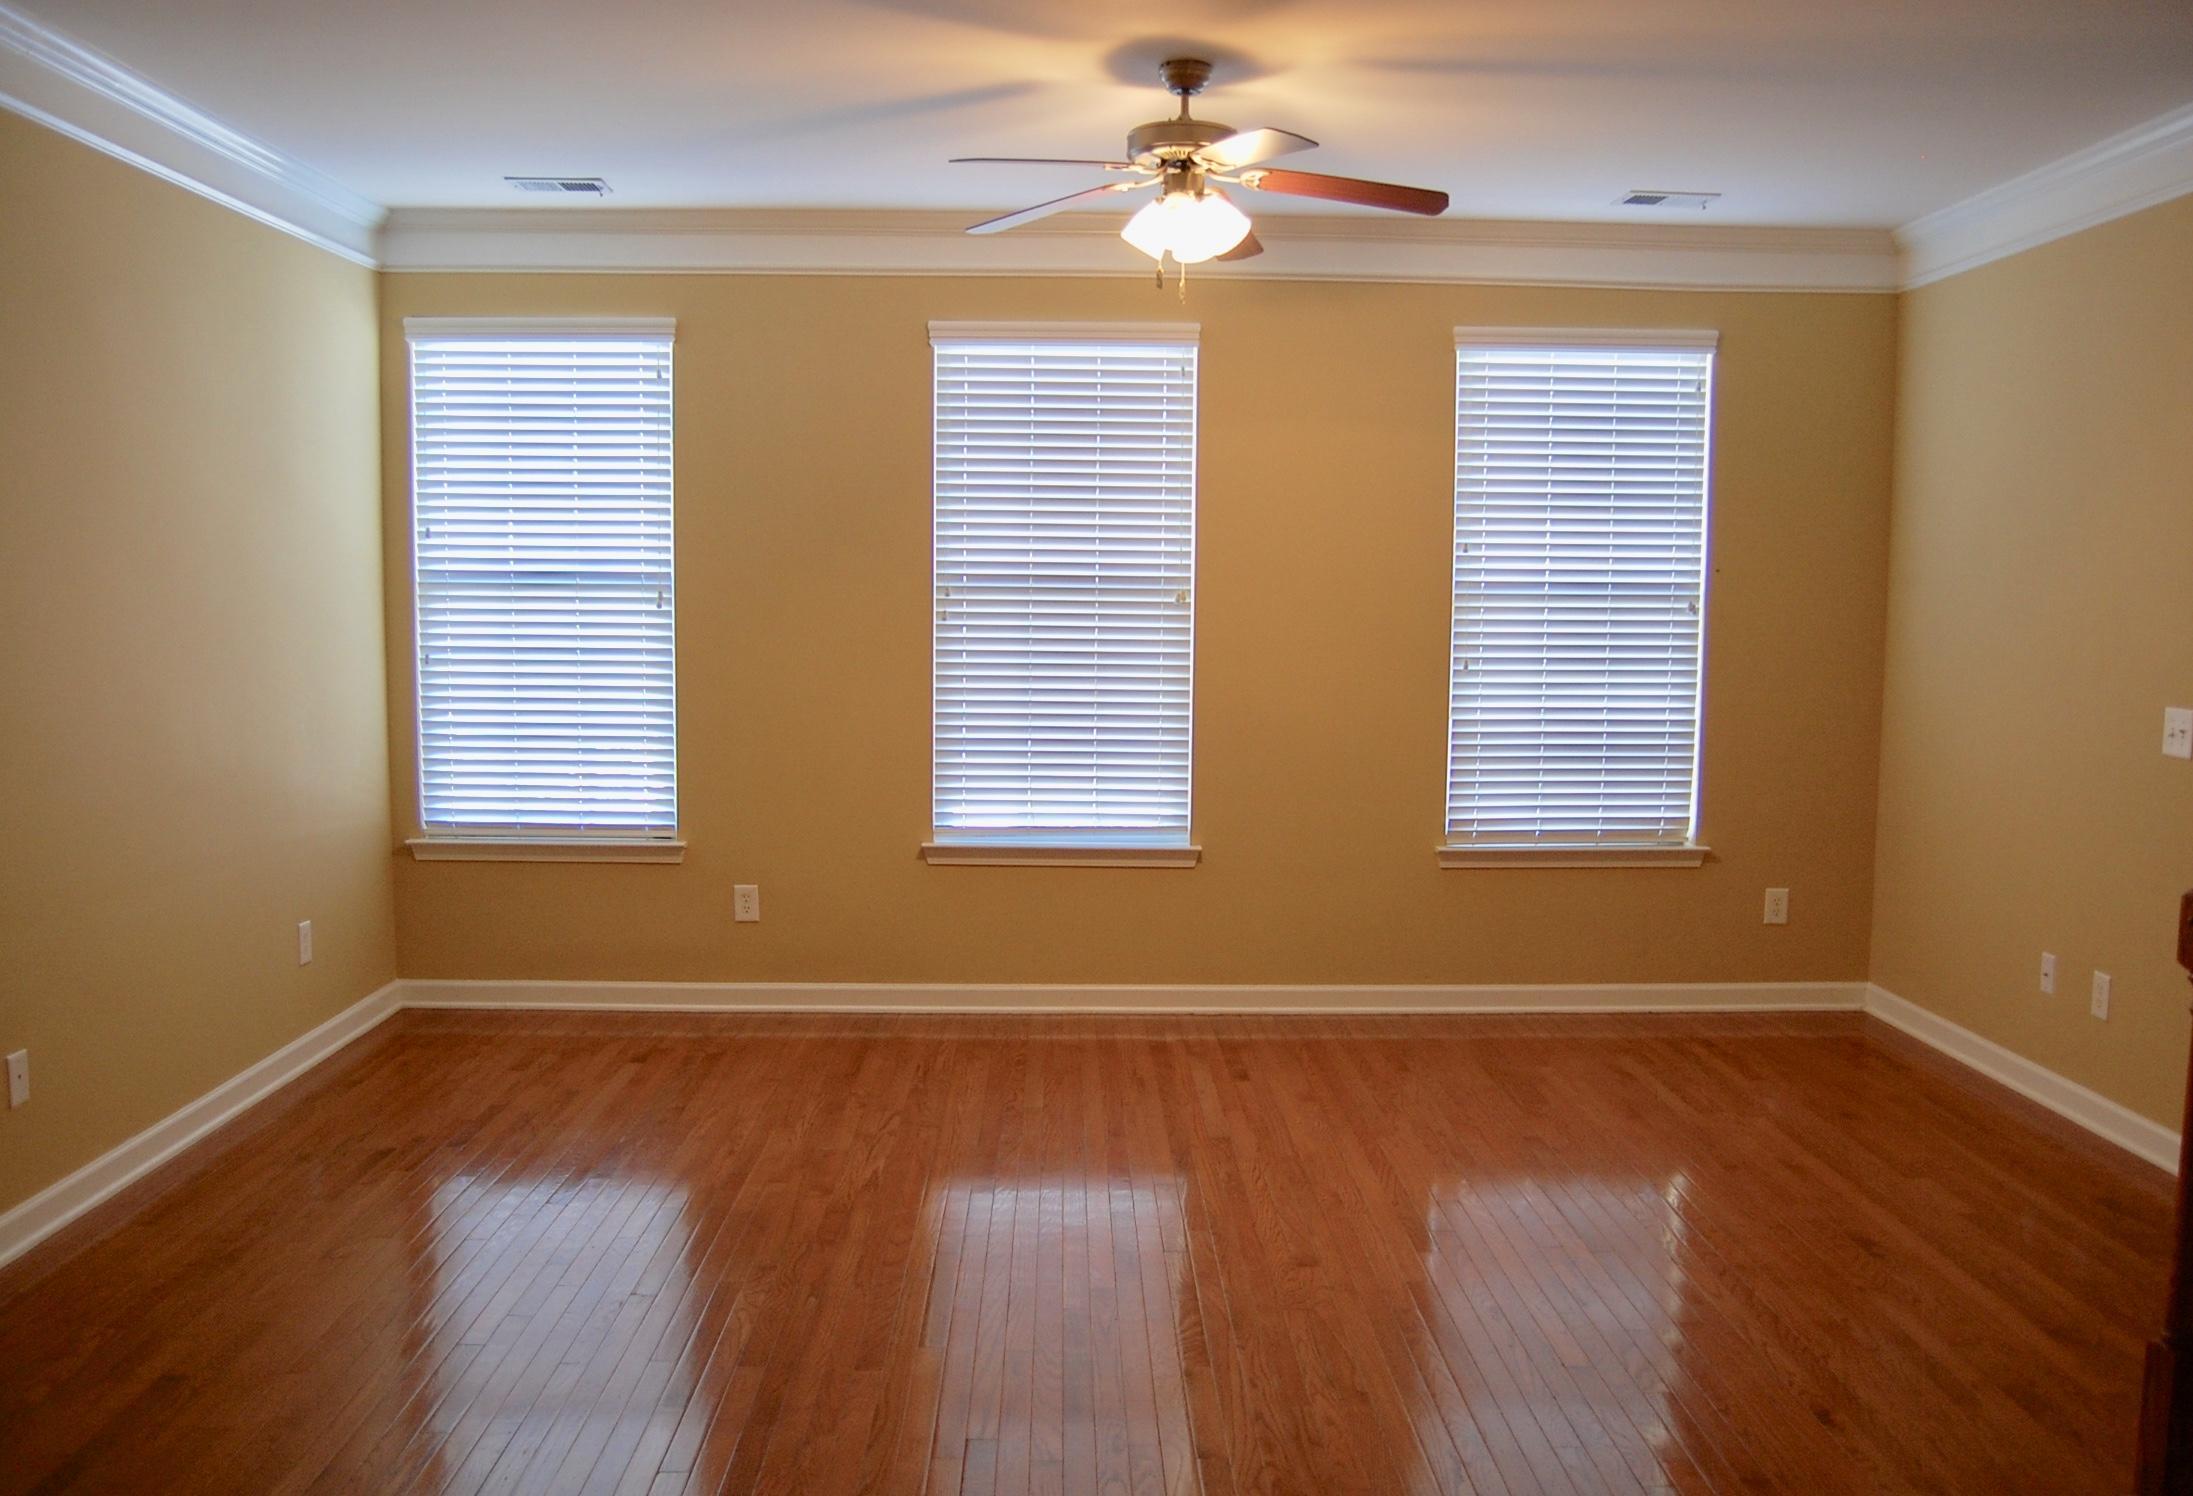 Park West Homes For Sale - 3529 Claremont, Mount Pleasant, SC - 2